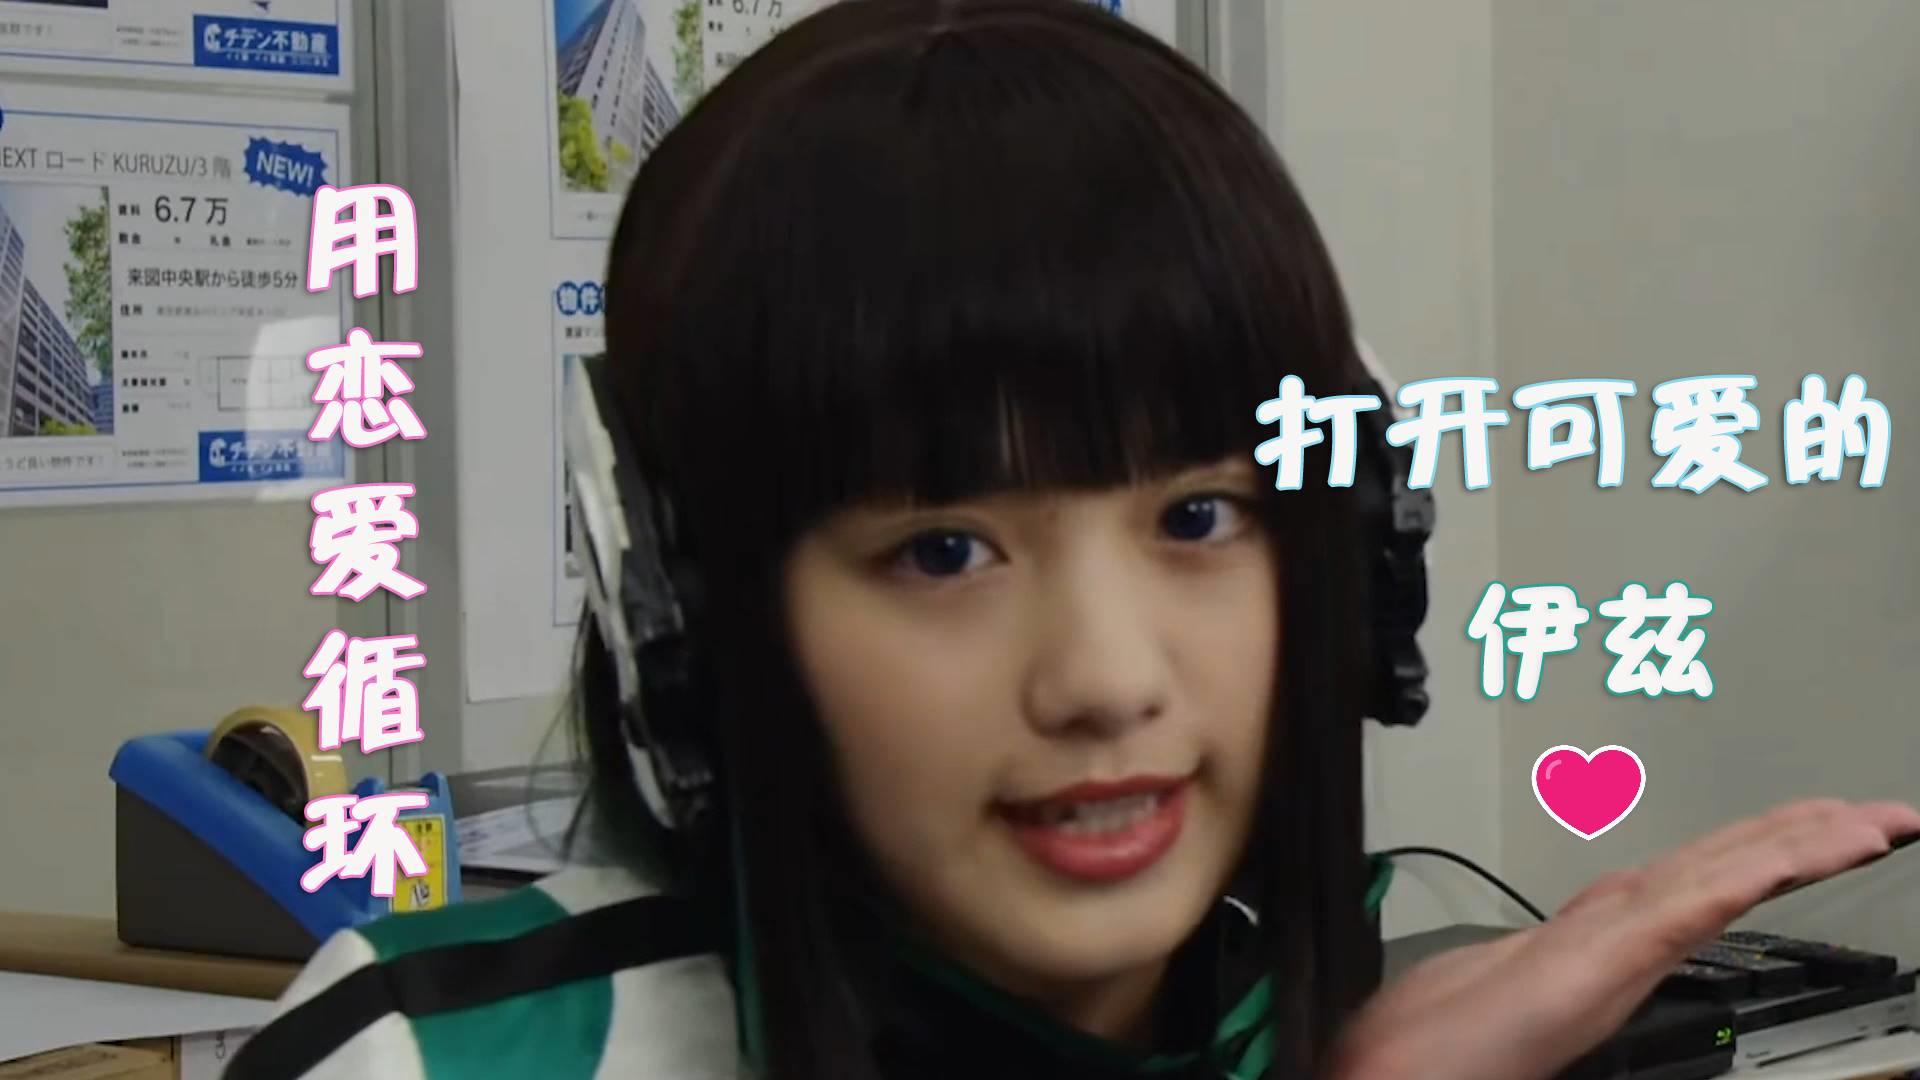 【假面骑士01】用恋爱循环打开可爱的伊兹